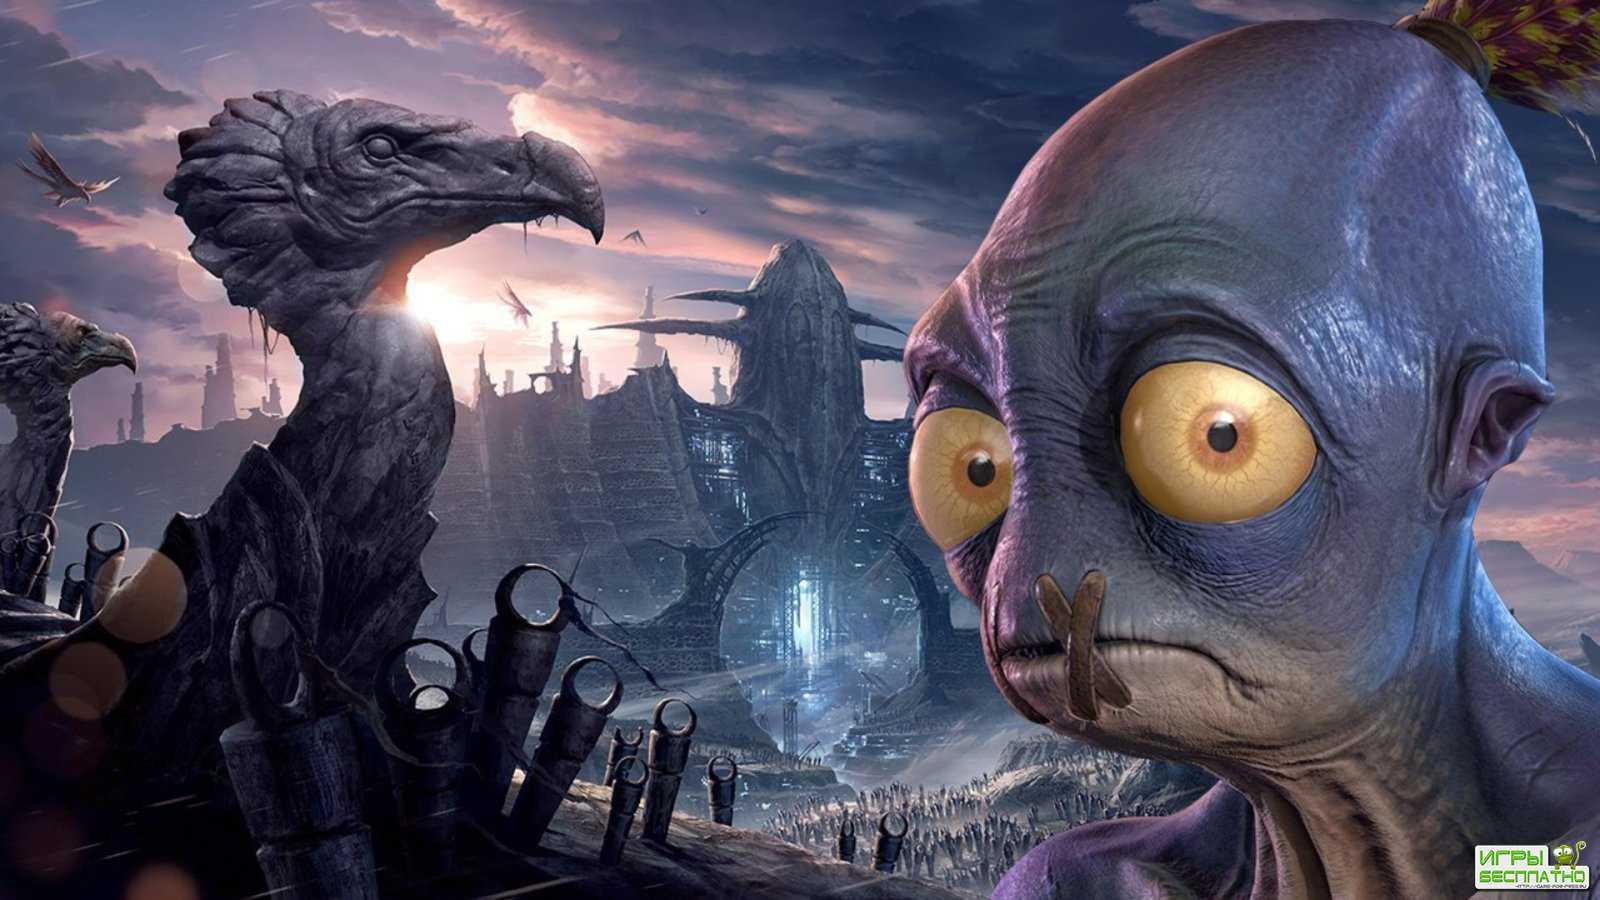 Нам не хватает ресурсов - авторы Oddworld: Soulstorm сделали свою игру эксклюзивом Epic Games Store и объяснили такое решение